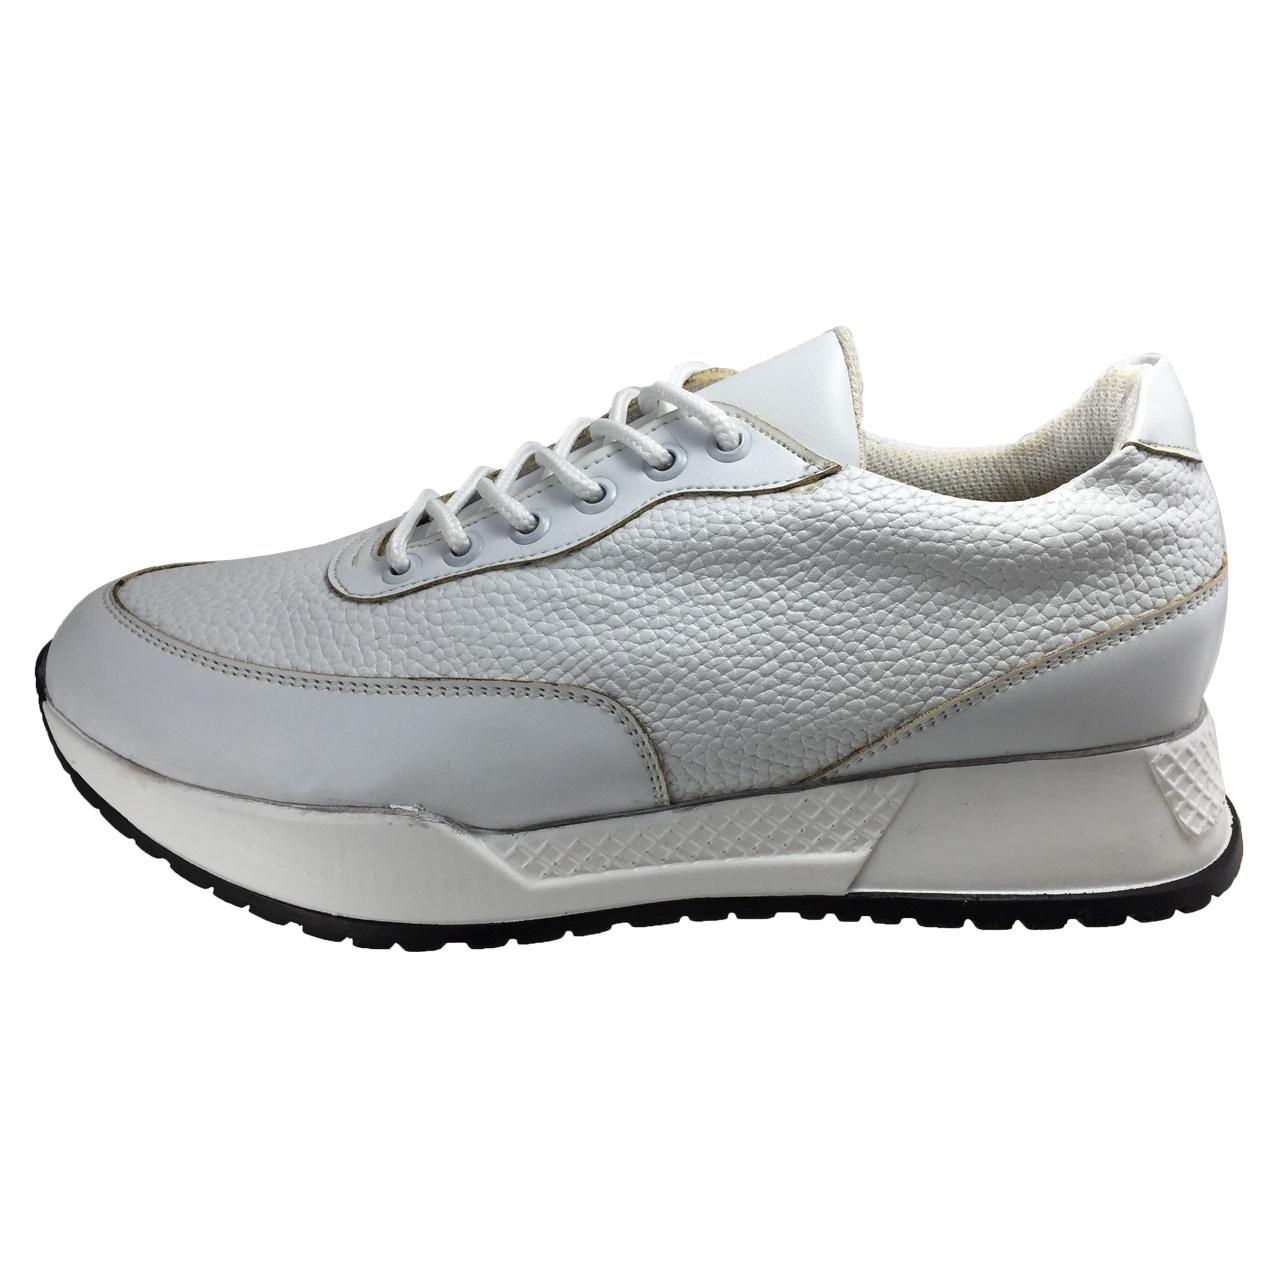 کفش مخصوص پیاده روی زنانه مدل B117 رنگ سفید